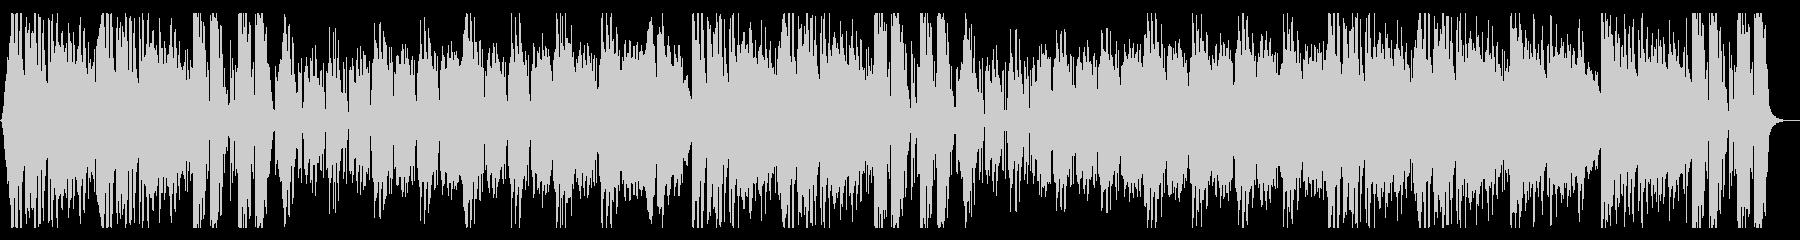 怪しげなヒップホップ系オーケストラの未再生の波形